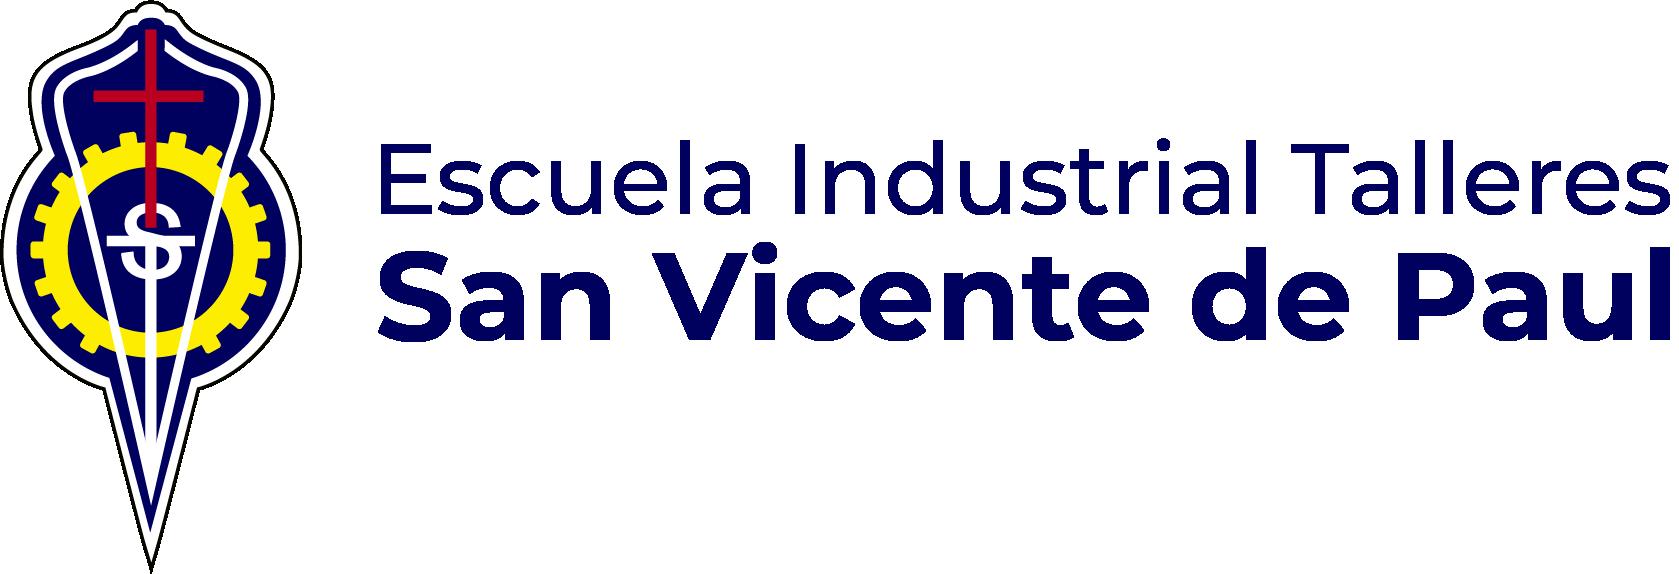 Escuela Industrial Talleres San Vicente de Paul